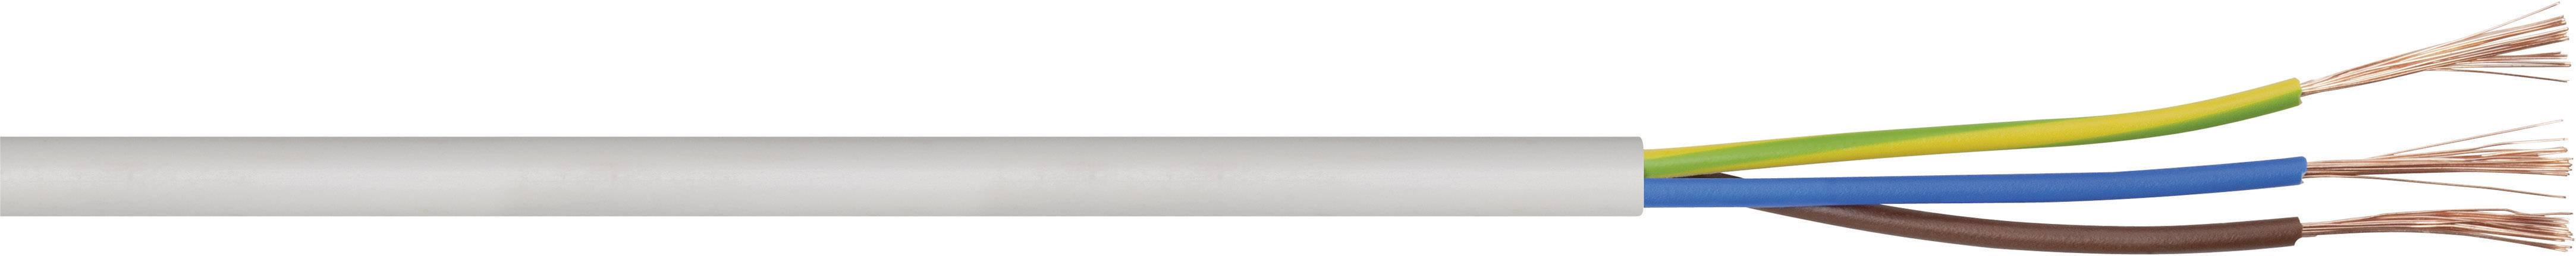 Vícežílový kabel LappKabel H03VV-F, 1601204/1000, 3 G 0.75 mm², černá, 1000 m